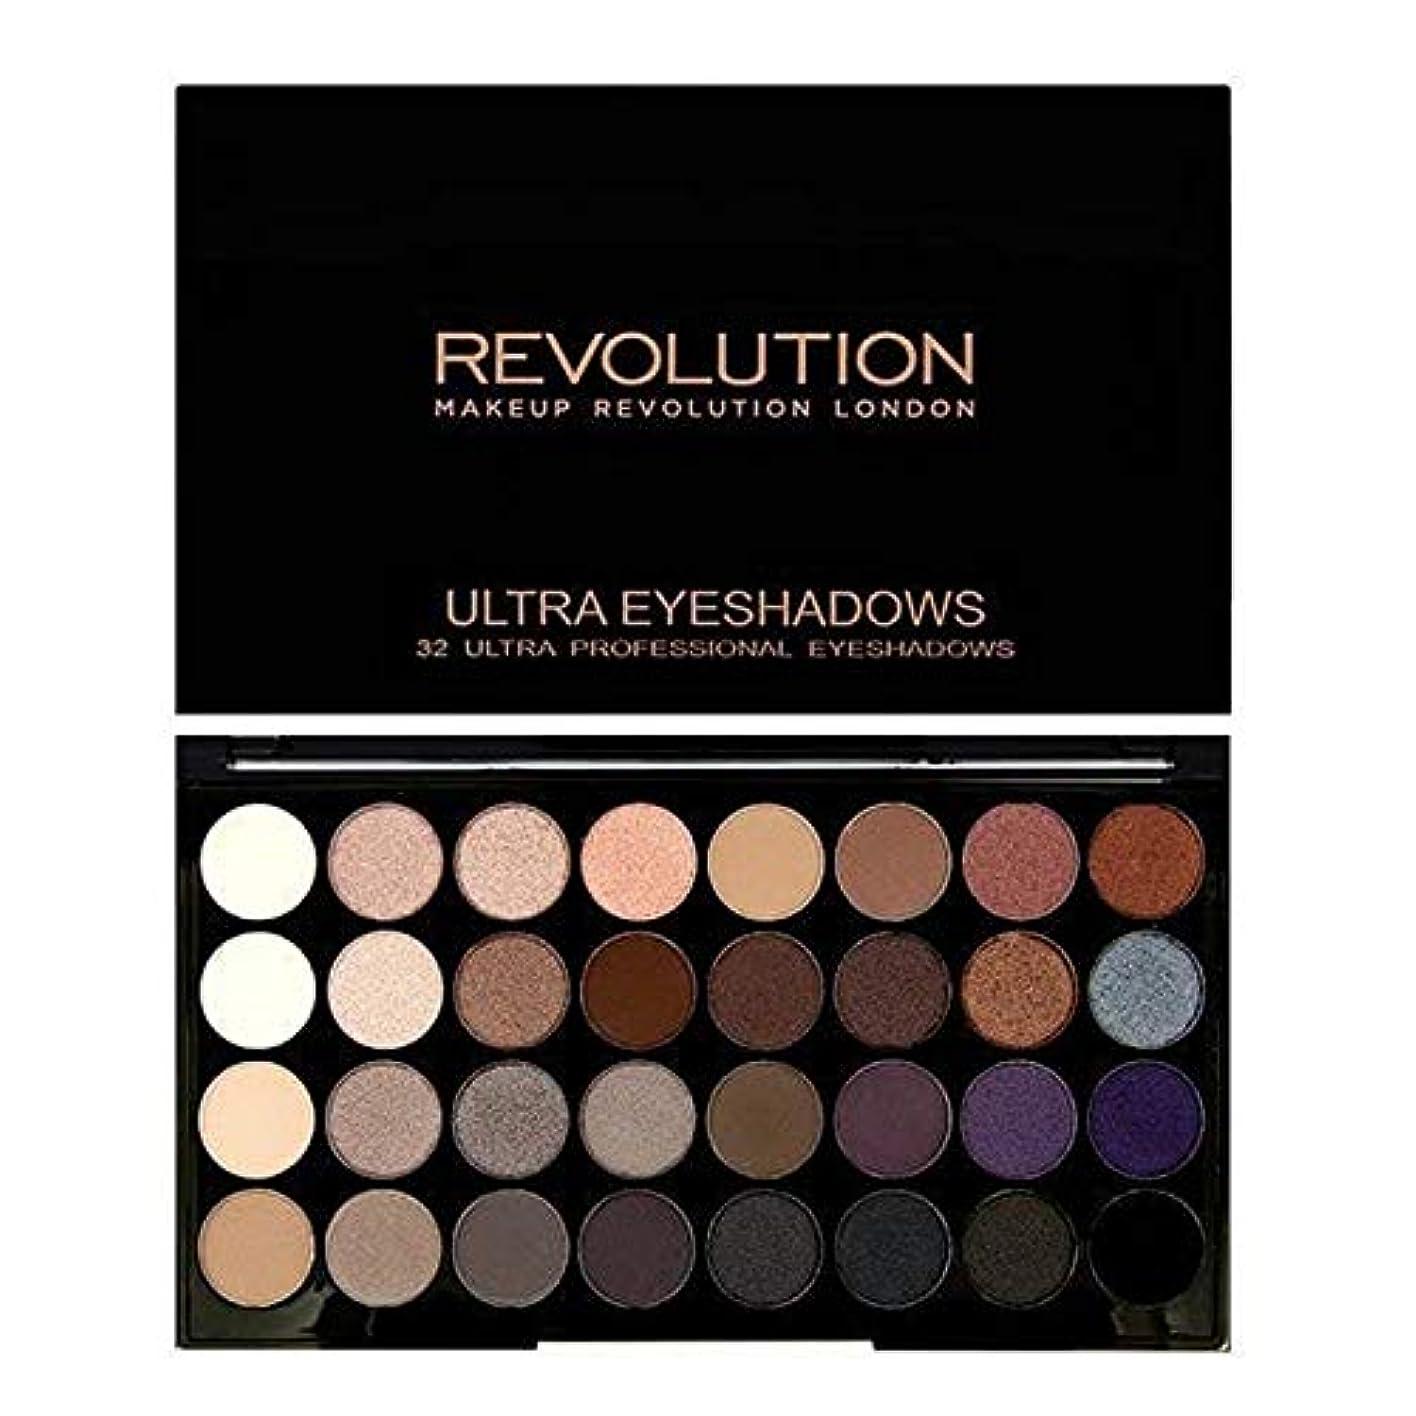 忌避剤導入するコショウ[Revolution ] 革命32アイシャドウパレット肯定 - Revolution 32 Eye Shadow Palette Affirmation [並行輸入品]